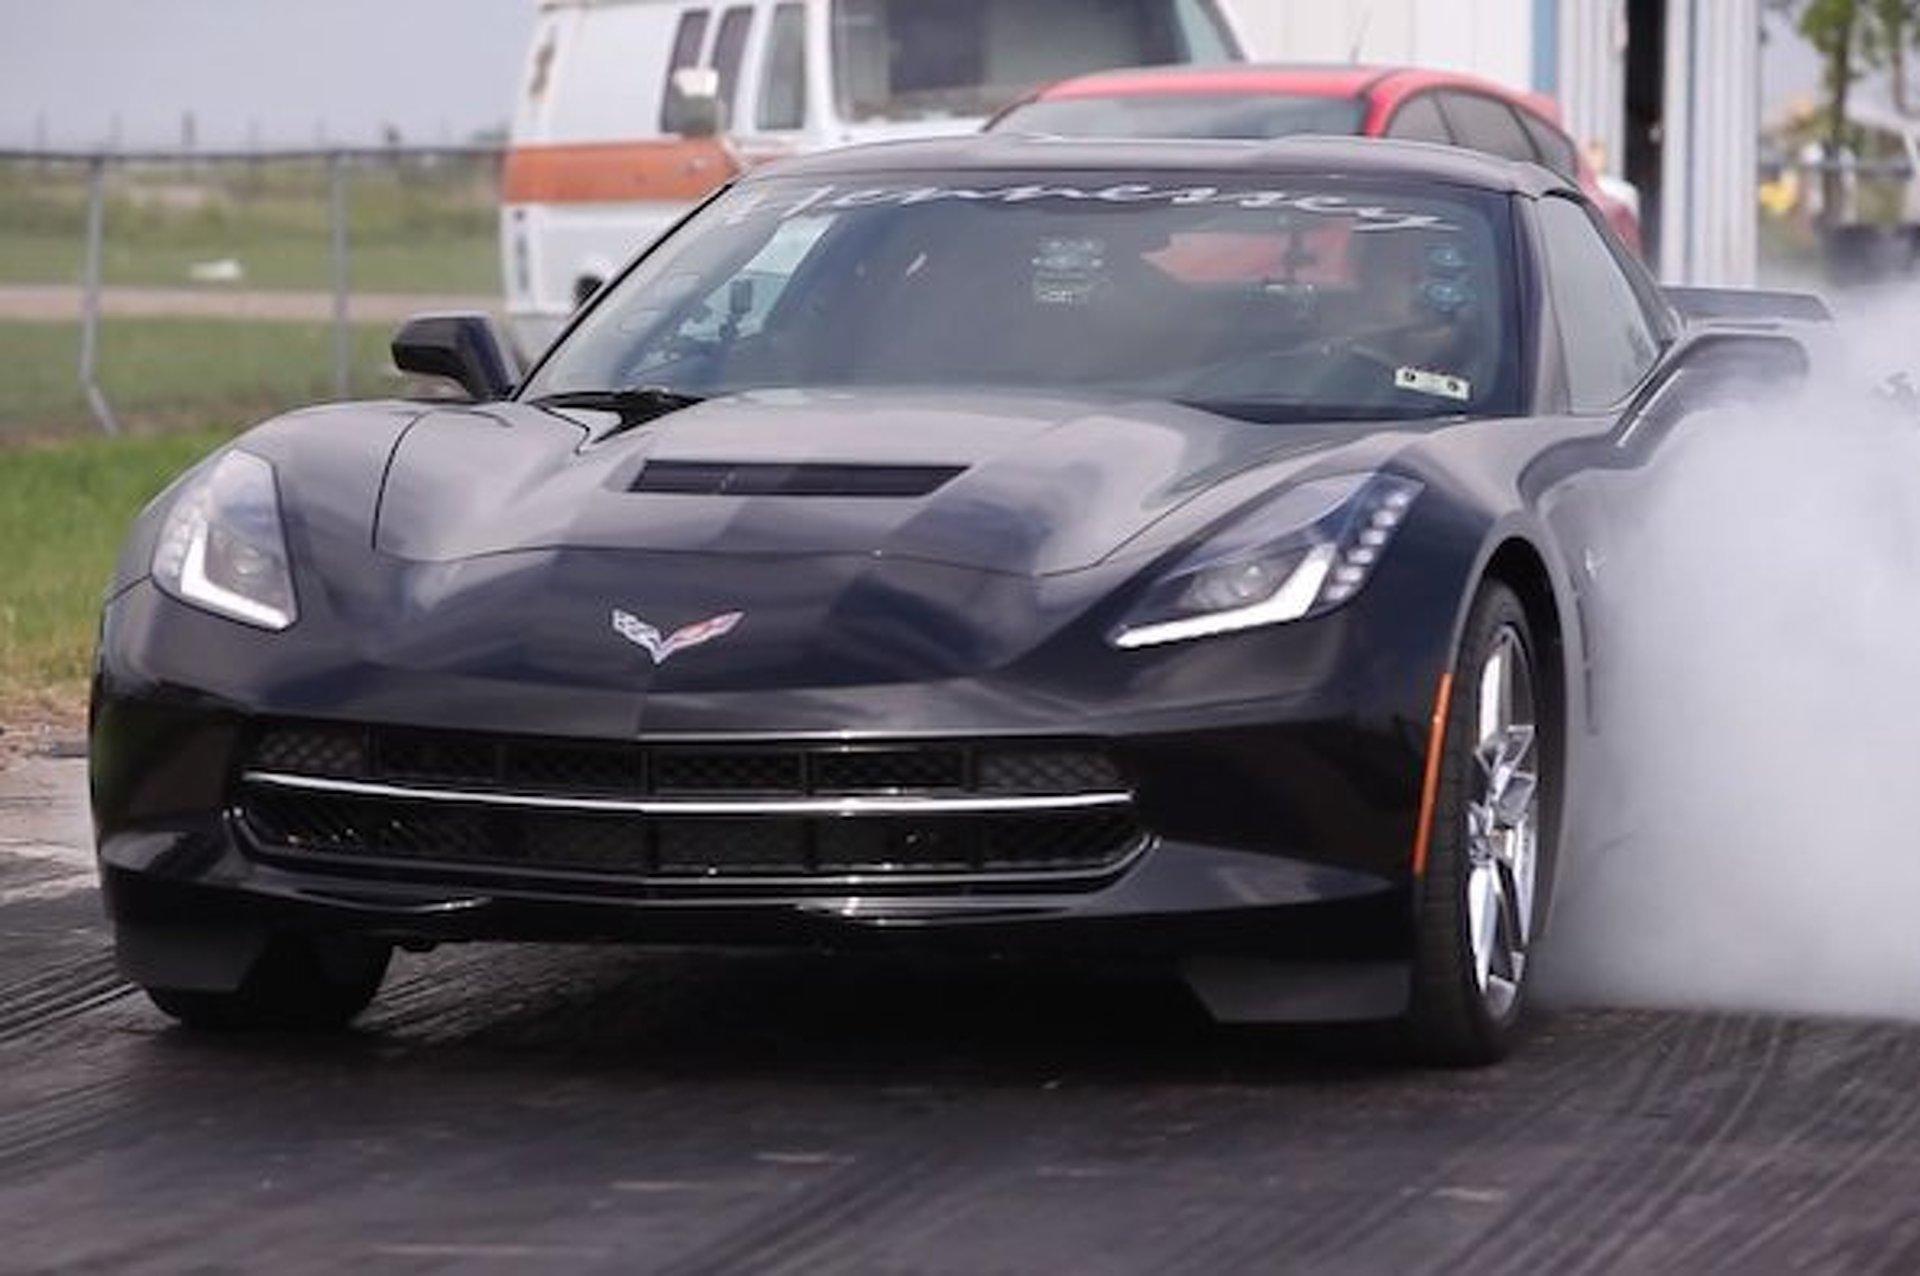 Stock Corvette Runs 1/4 Mile: 12.23 Seconds @ 114.88 MPH [video]